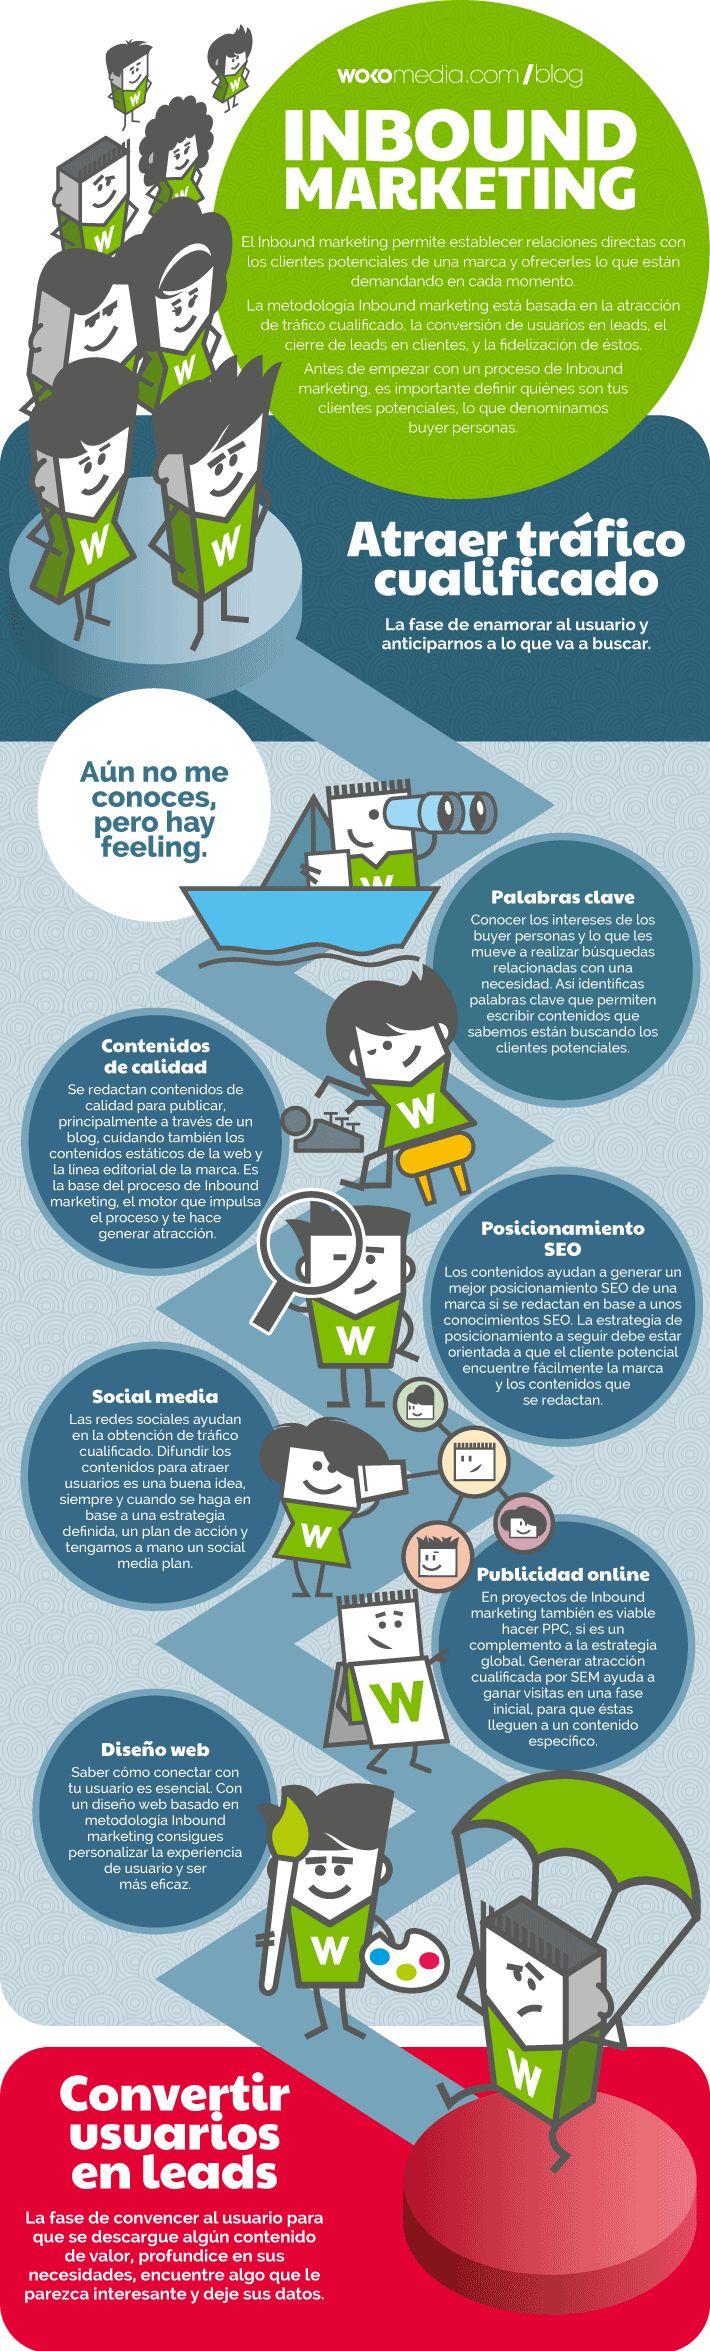 Qué es Inbound Marketing #Infografía